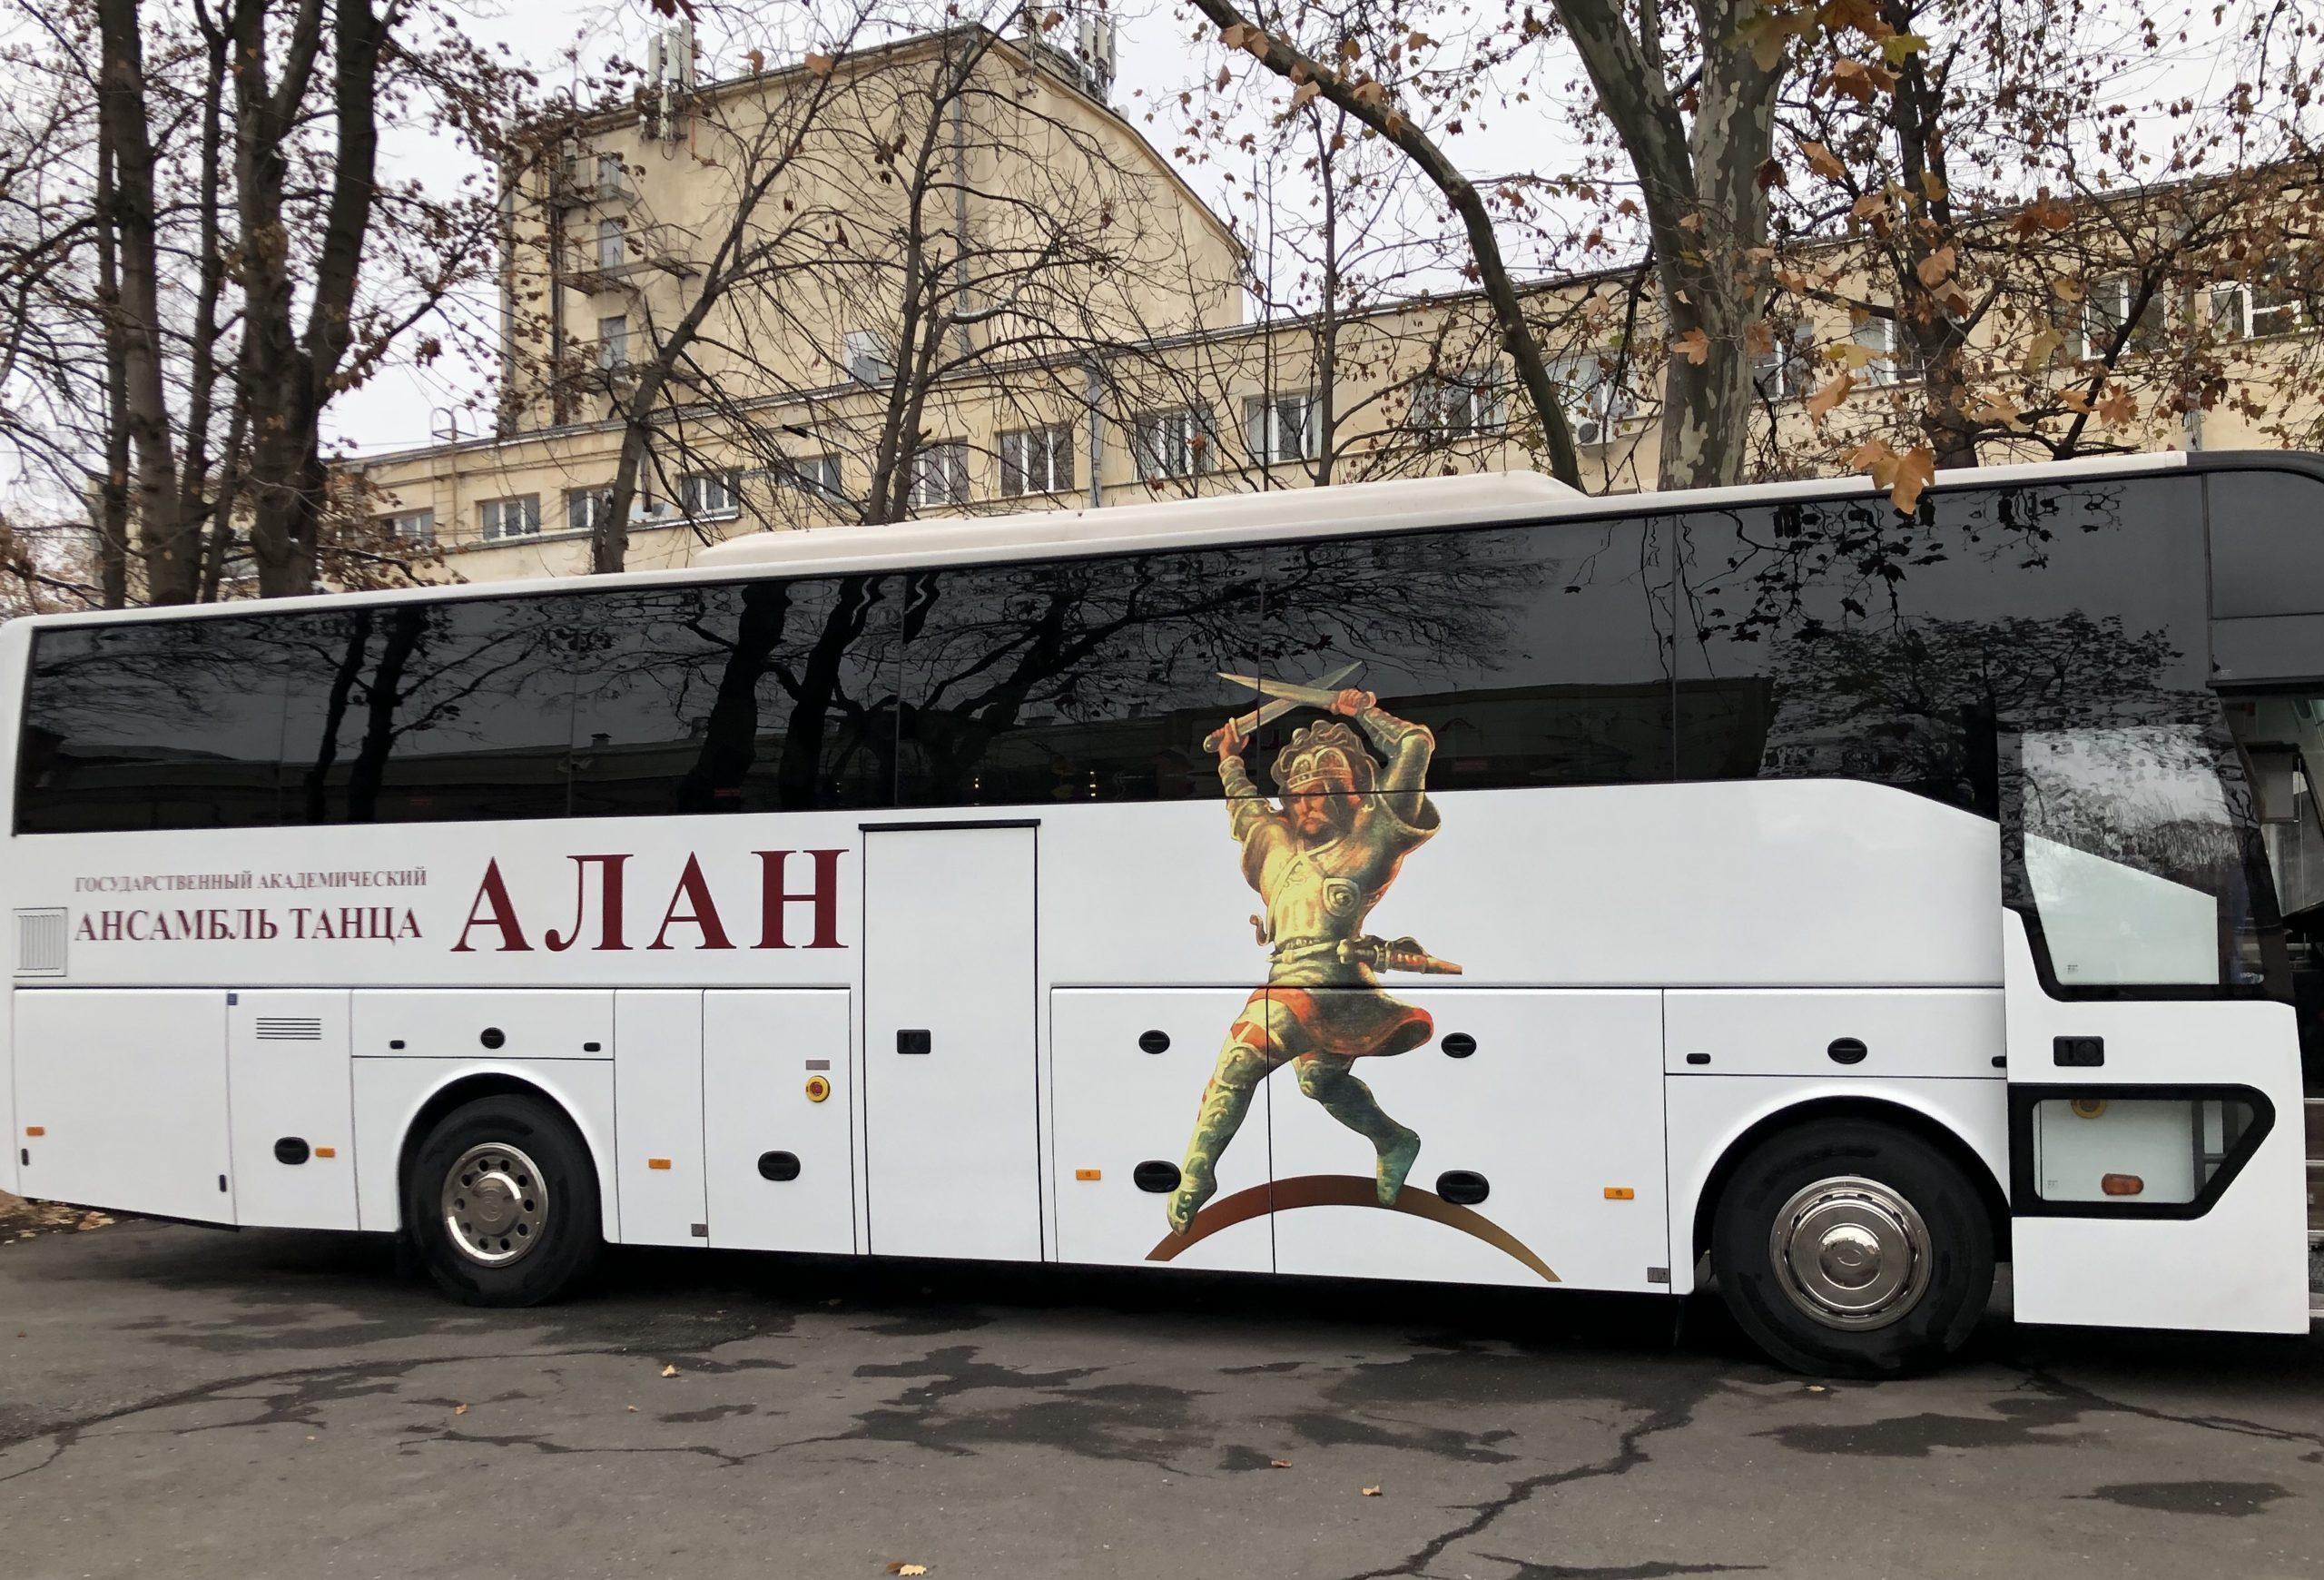 Госансамблю «Алан» подарили новый комфортабельный автобус